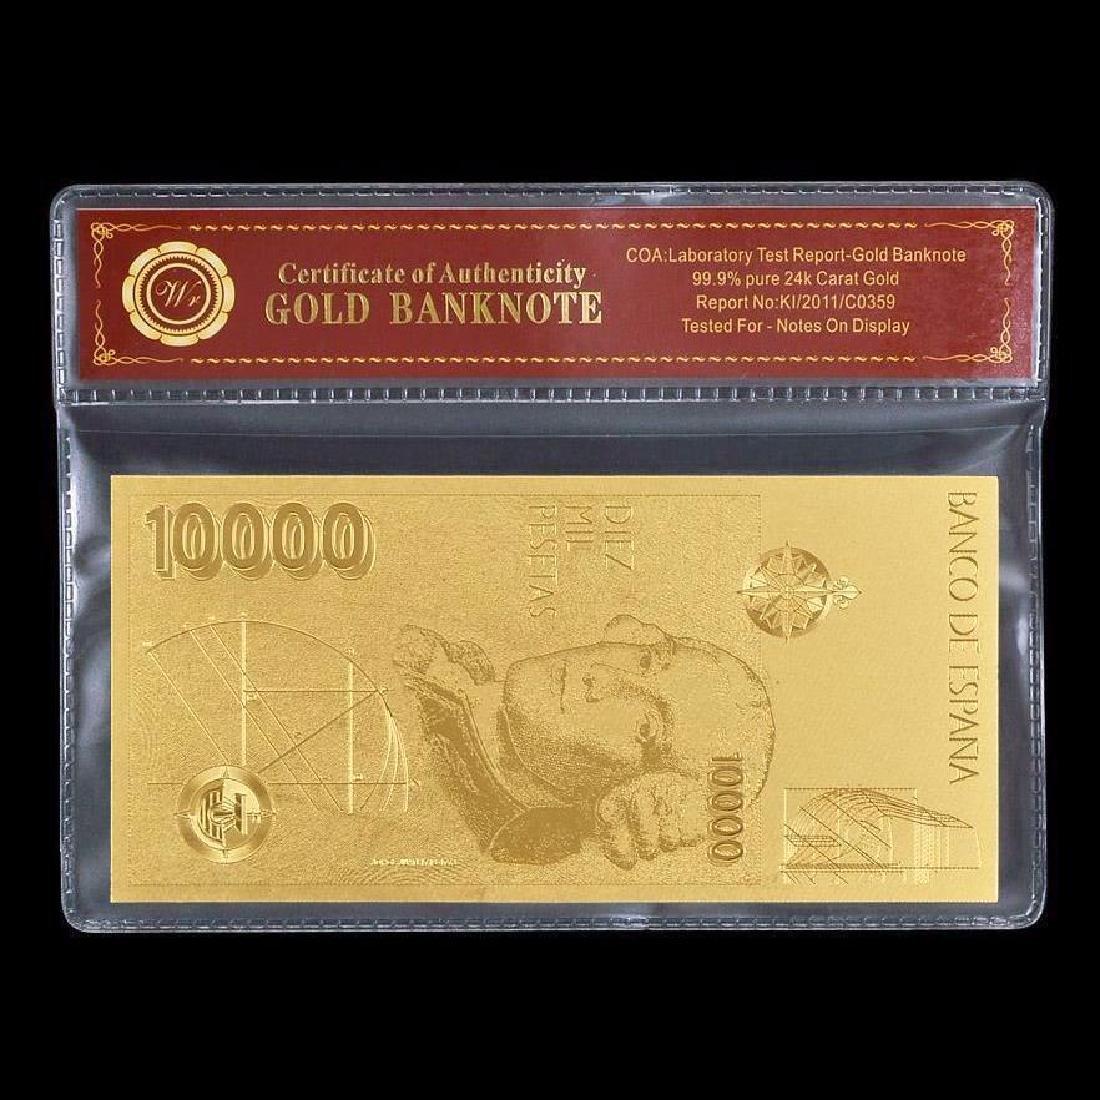 Spain 10,000 Pesetas 24K Gold Clad Banknote - 2